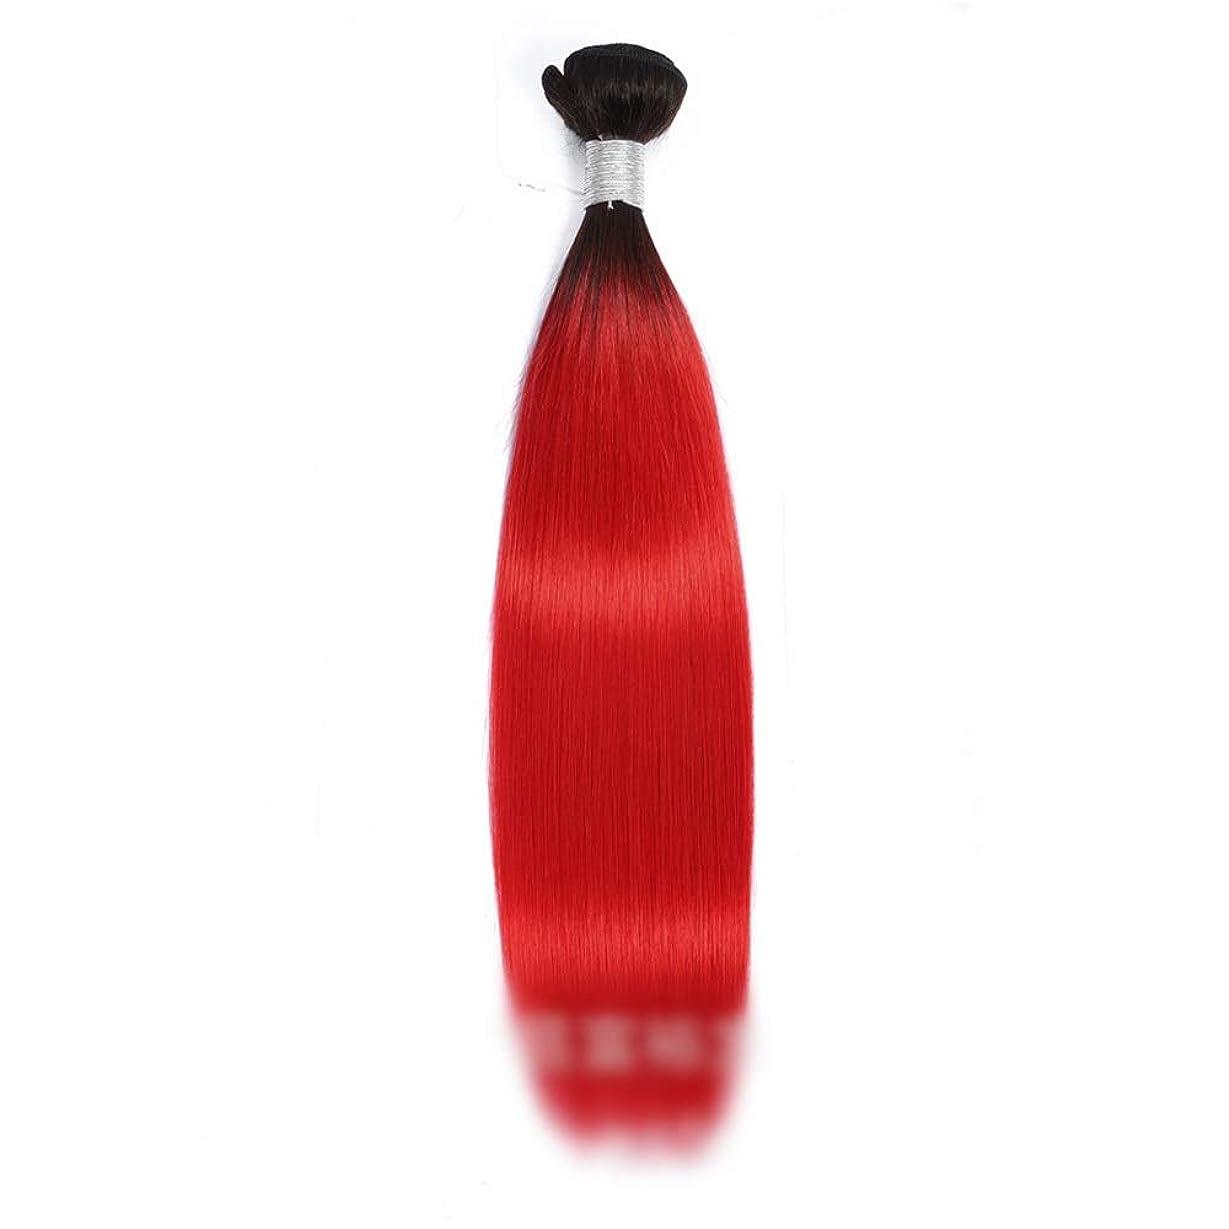 絶壁カリキュラムクスコかつら 人間の髪の毛1バンドルストレートレミーヘアエクステンション人間の髪の毛の赤い二重よこ糸10-26インチロングストレートヘアウィッグ赤いかつら (色 : レッド, サイズ : 20 inch)